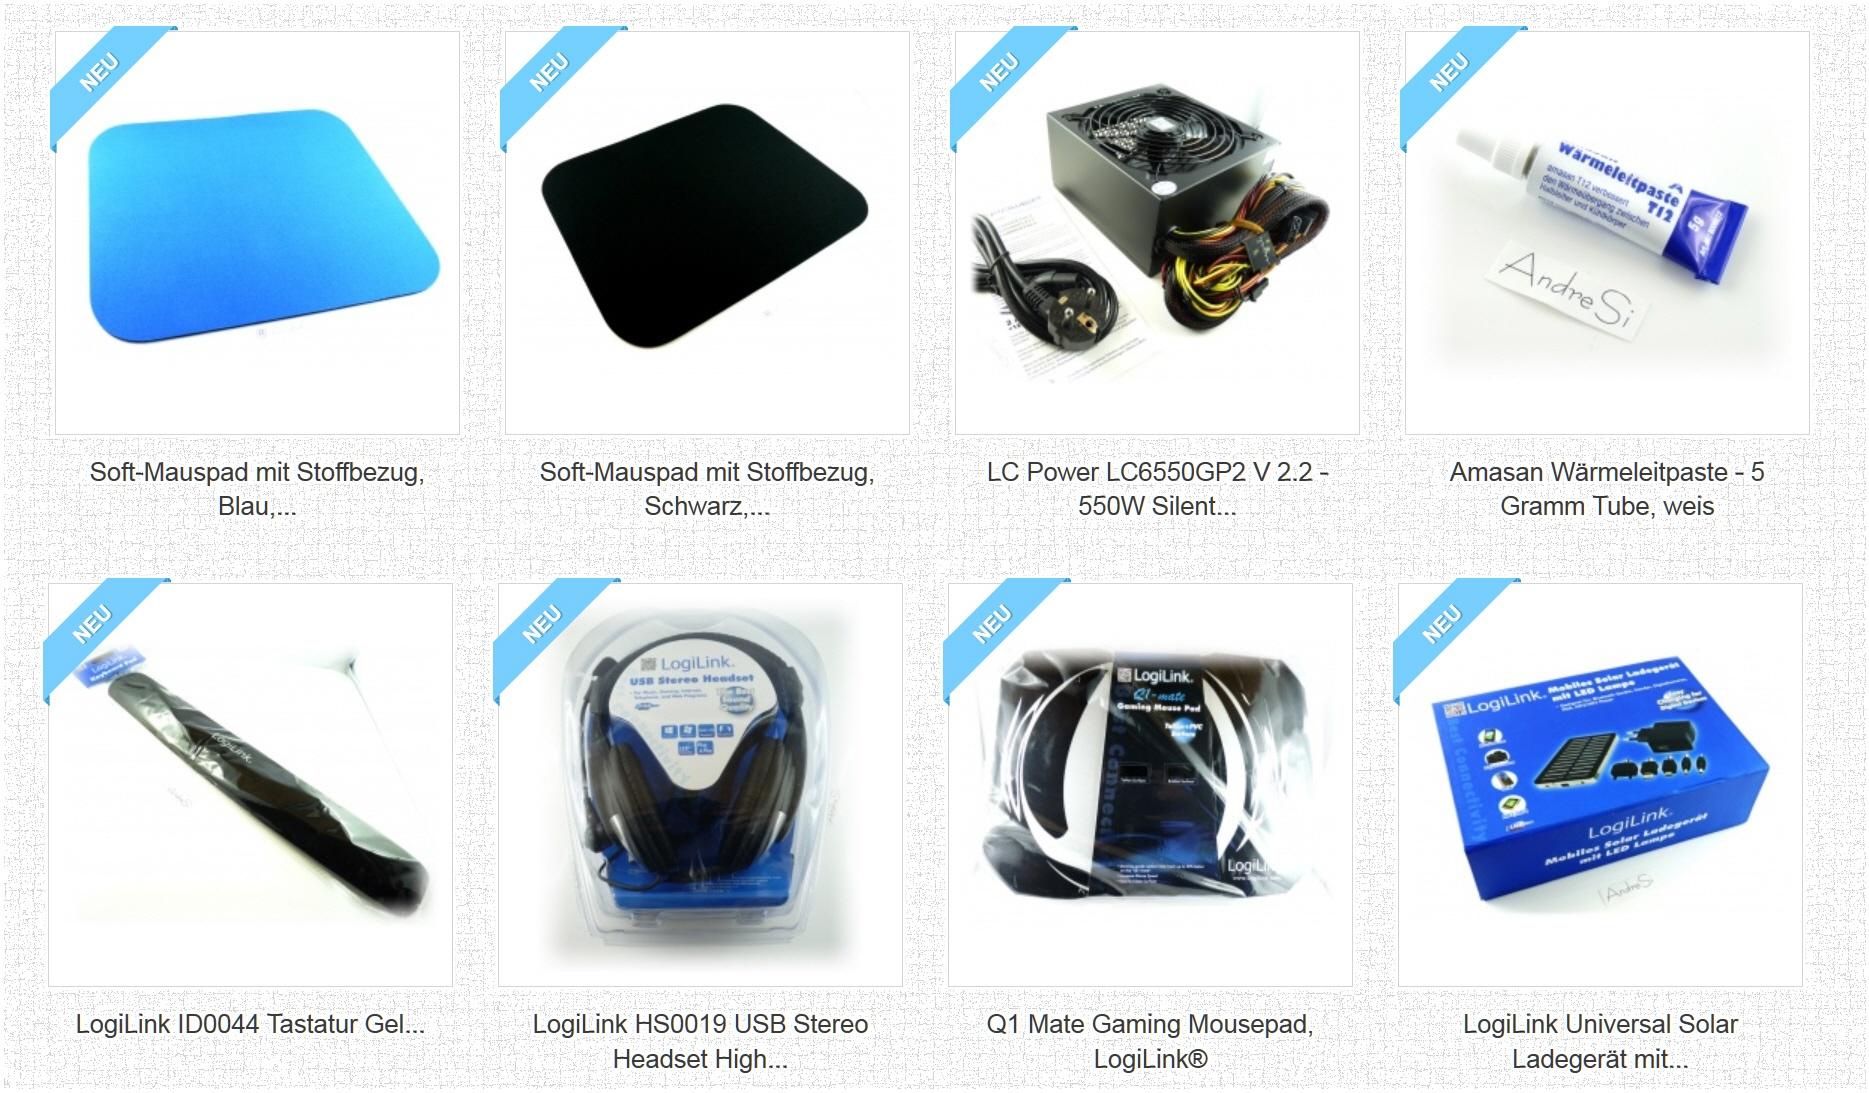 La technologie PC & Accessoires